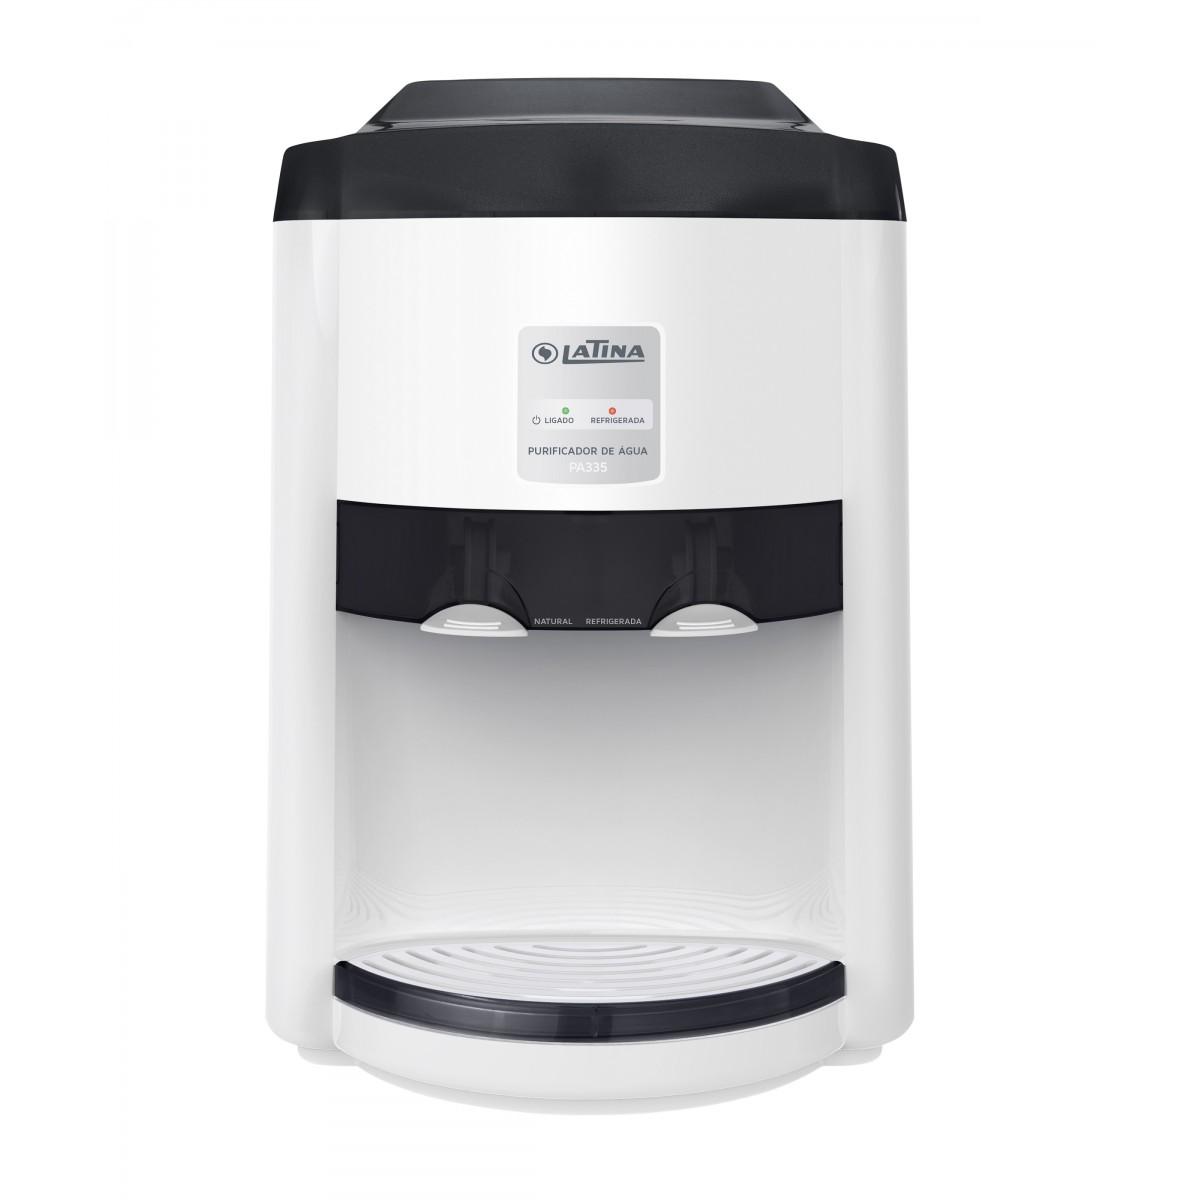 Purificador de Água Refrigerado Latina PA335 Branco  - ShopNoroeste.com.br